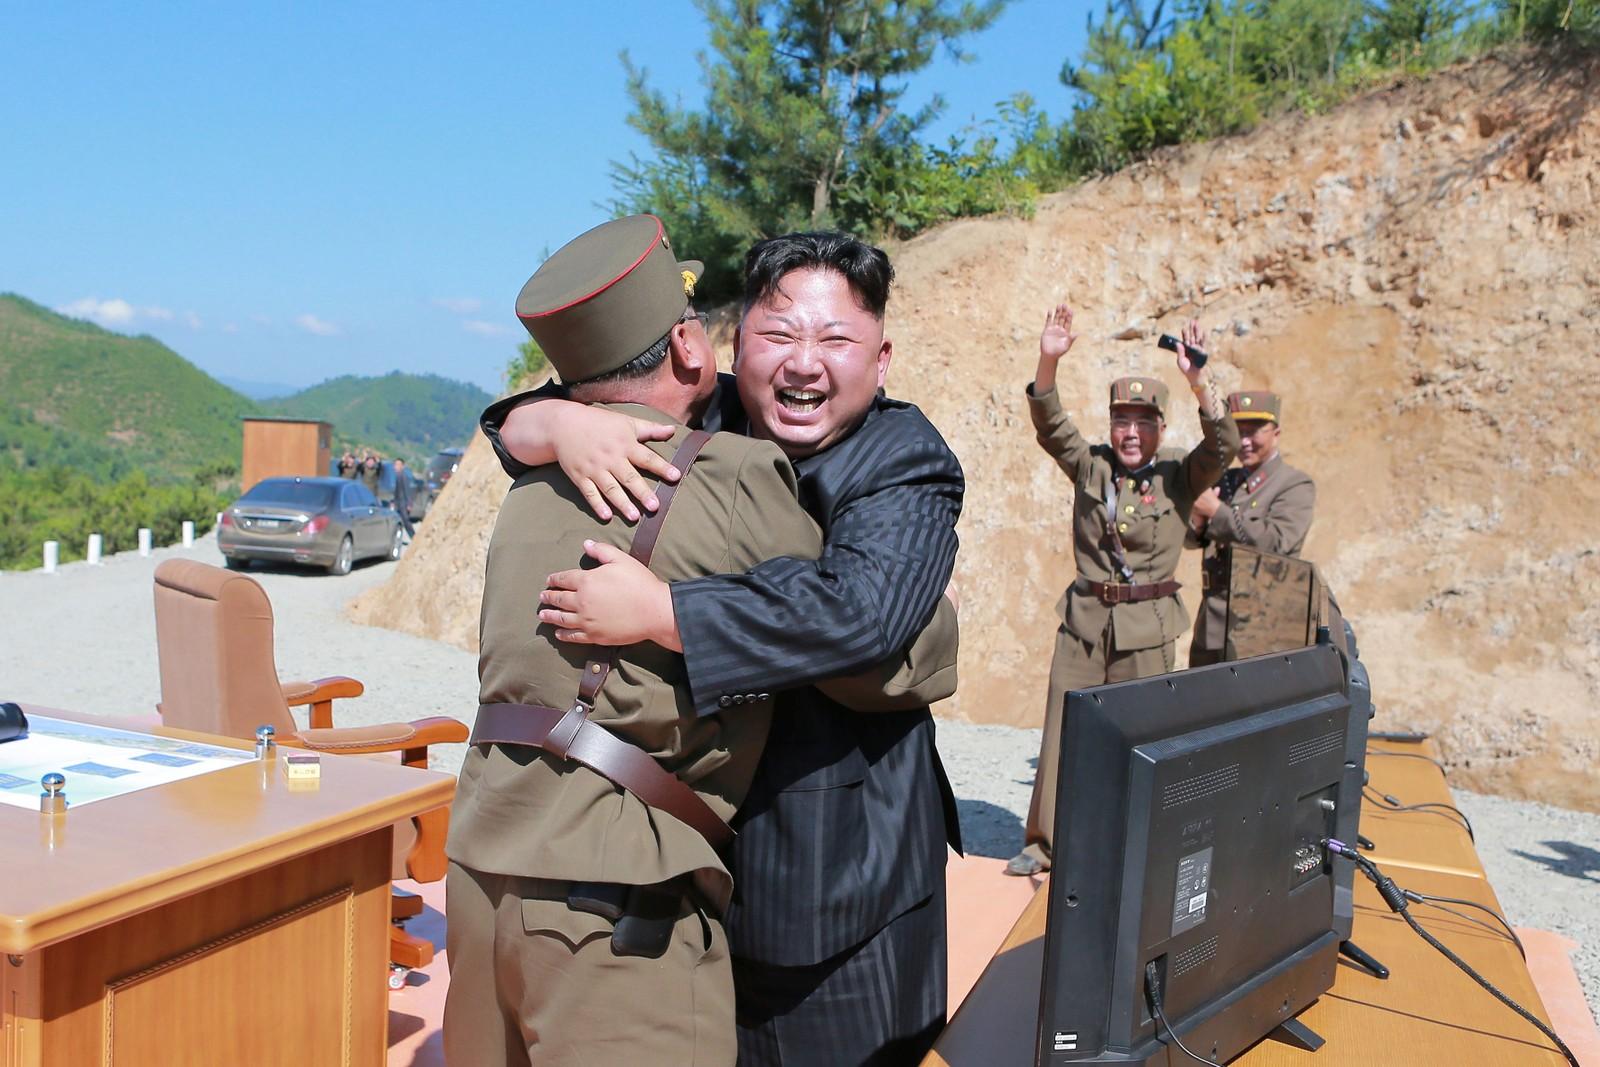 Denne uka skjøt Nord Korea opp en rakett som blant annet førte til at USA innkalte til et lukka møte i FNs sikkerhetsråd. Regimet sendte i den forbindelse ut dette bildet av diktator Kim Jong Un.